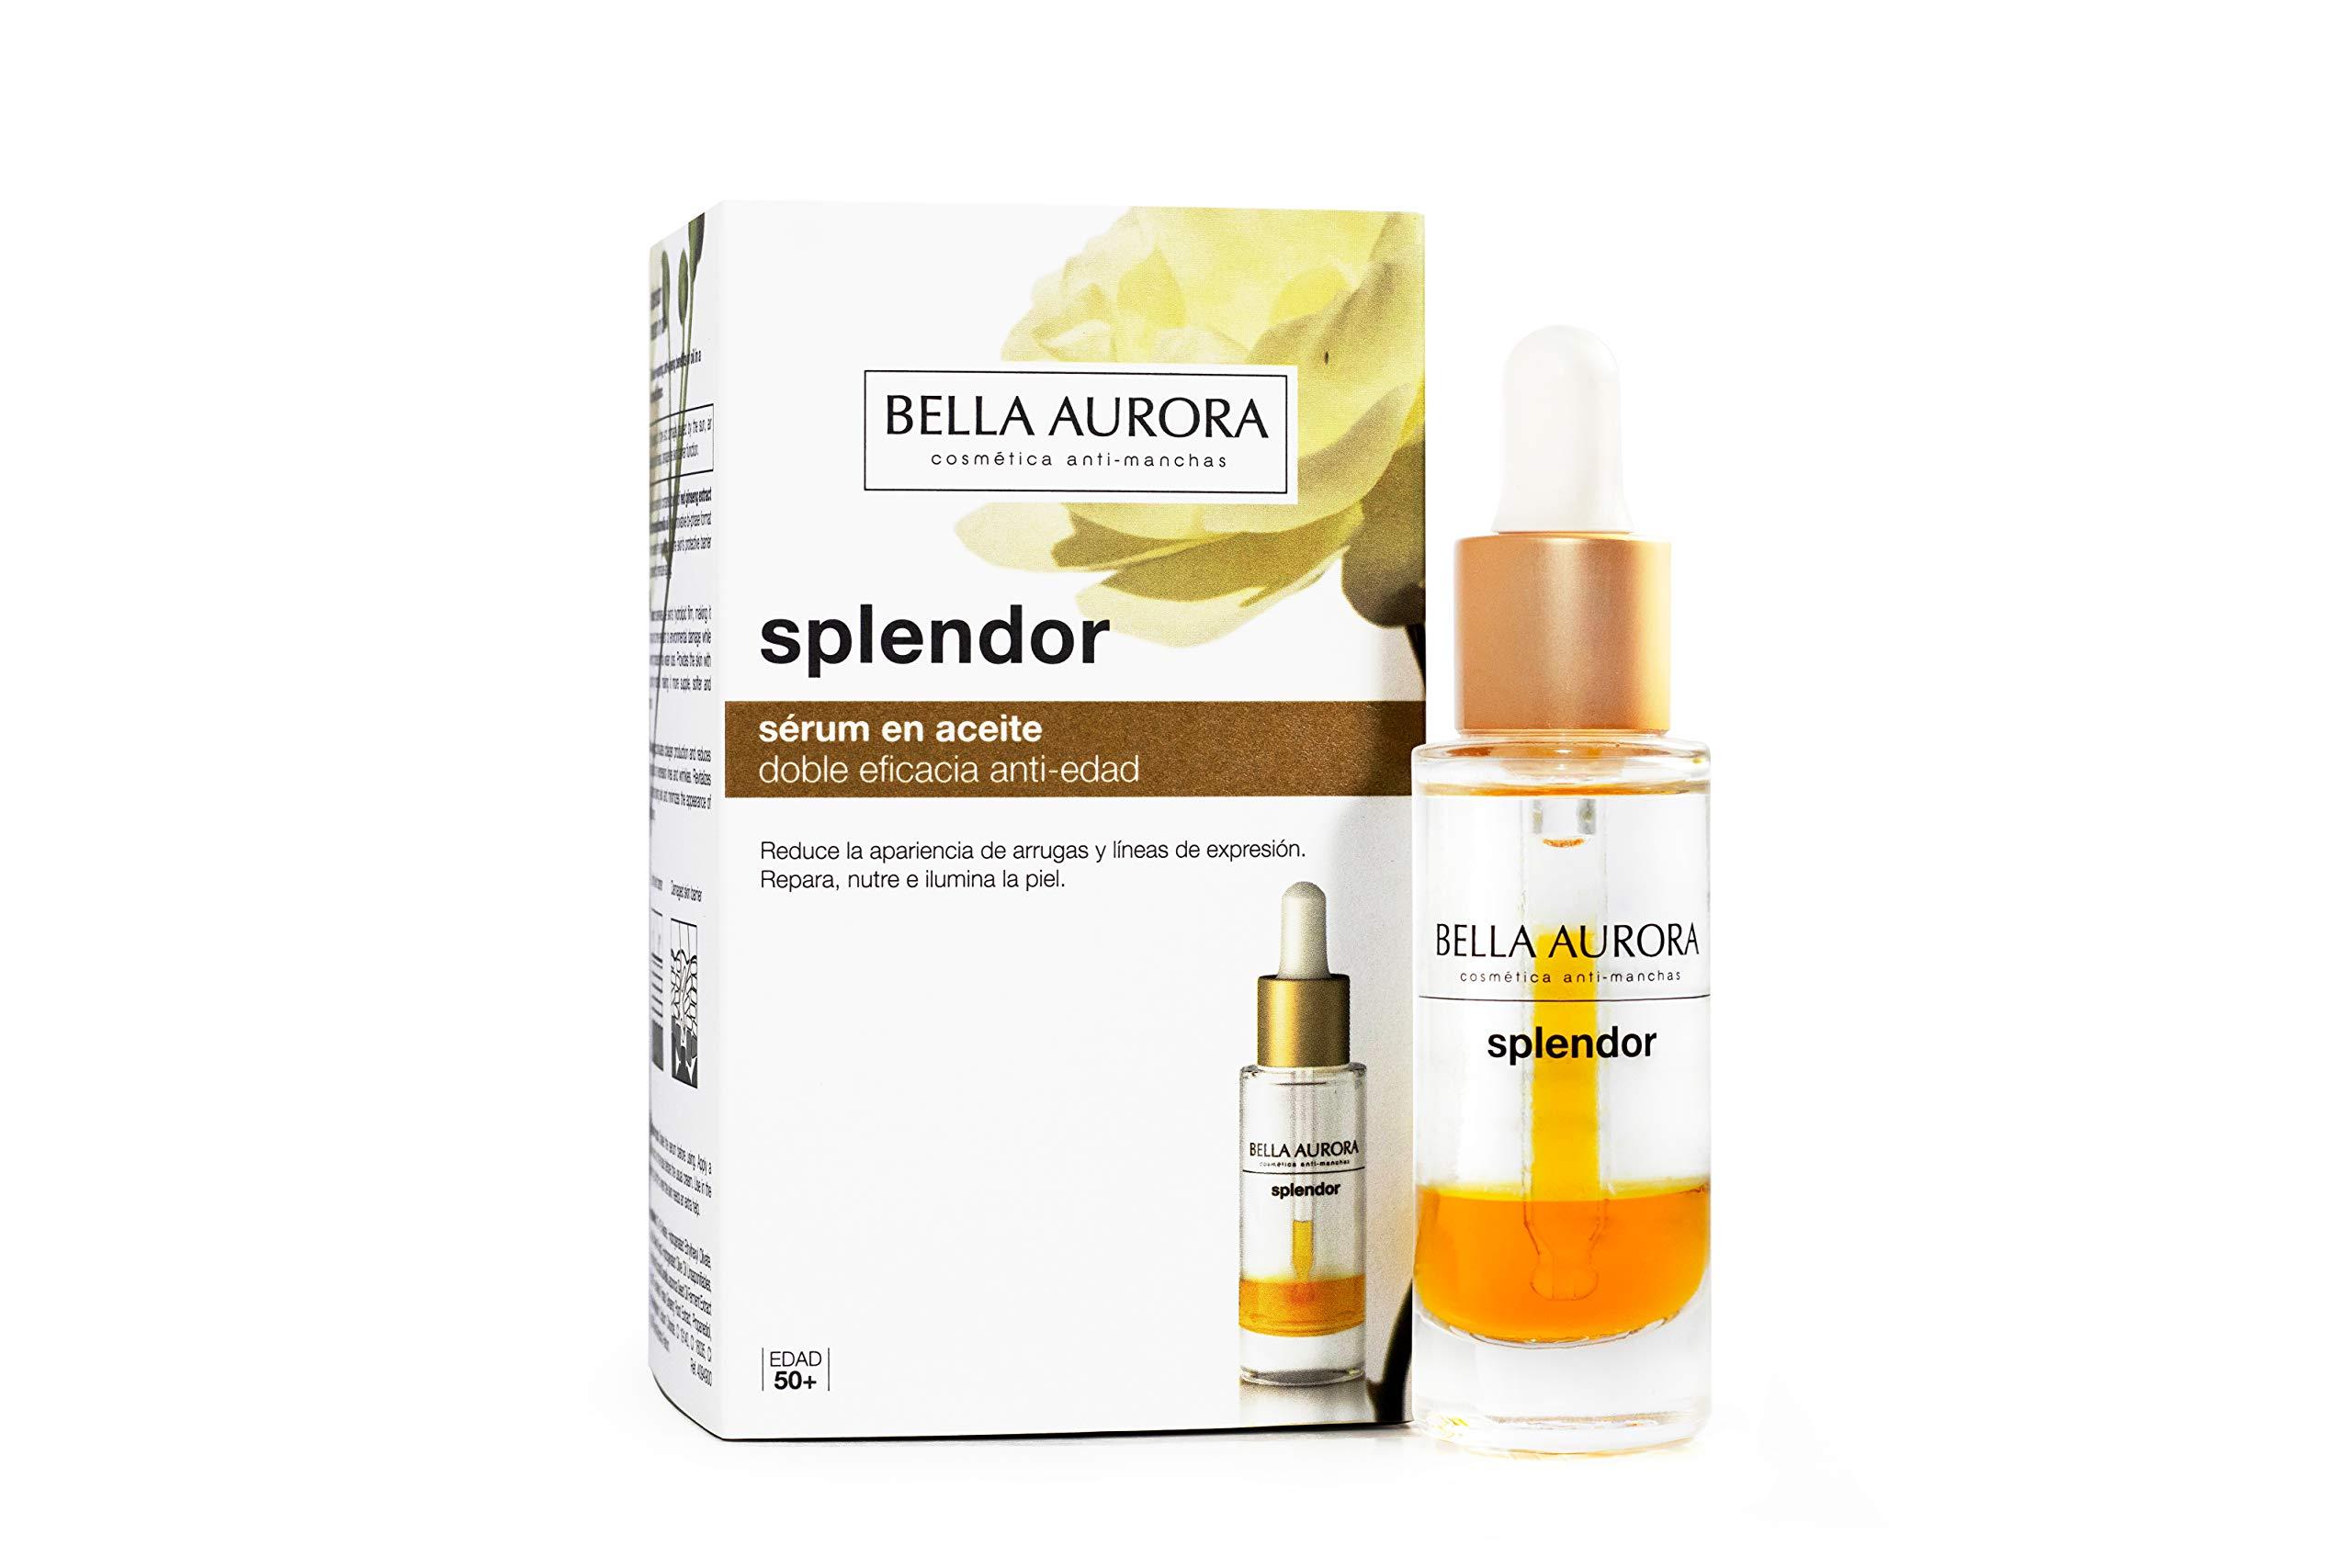 Bella Aurora Splendor Serum en Aceite, Repara y Previene el Envejecimiento, con Ginseng Rojo y Aceite de Camelia, Hidrata y Atenúa las Arrugas, Textura Ligera, 20 ml